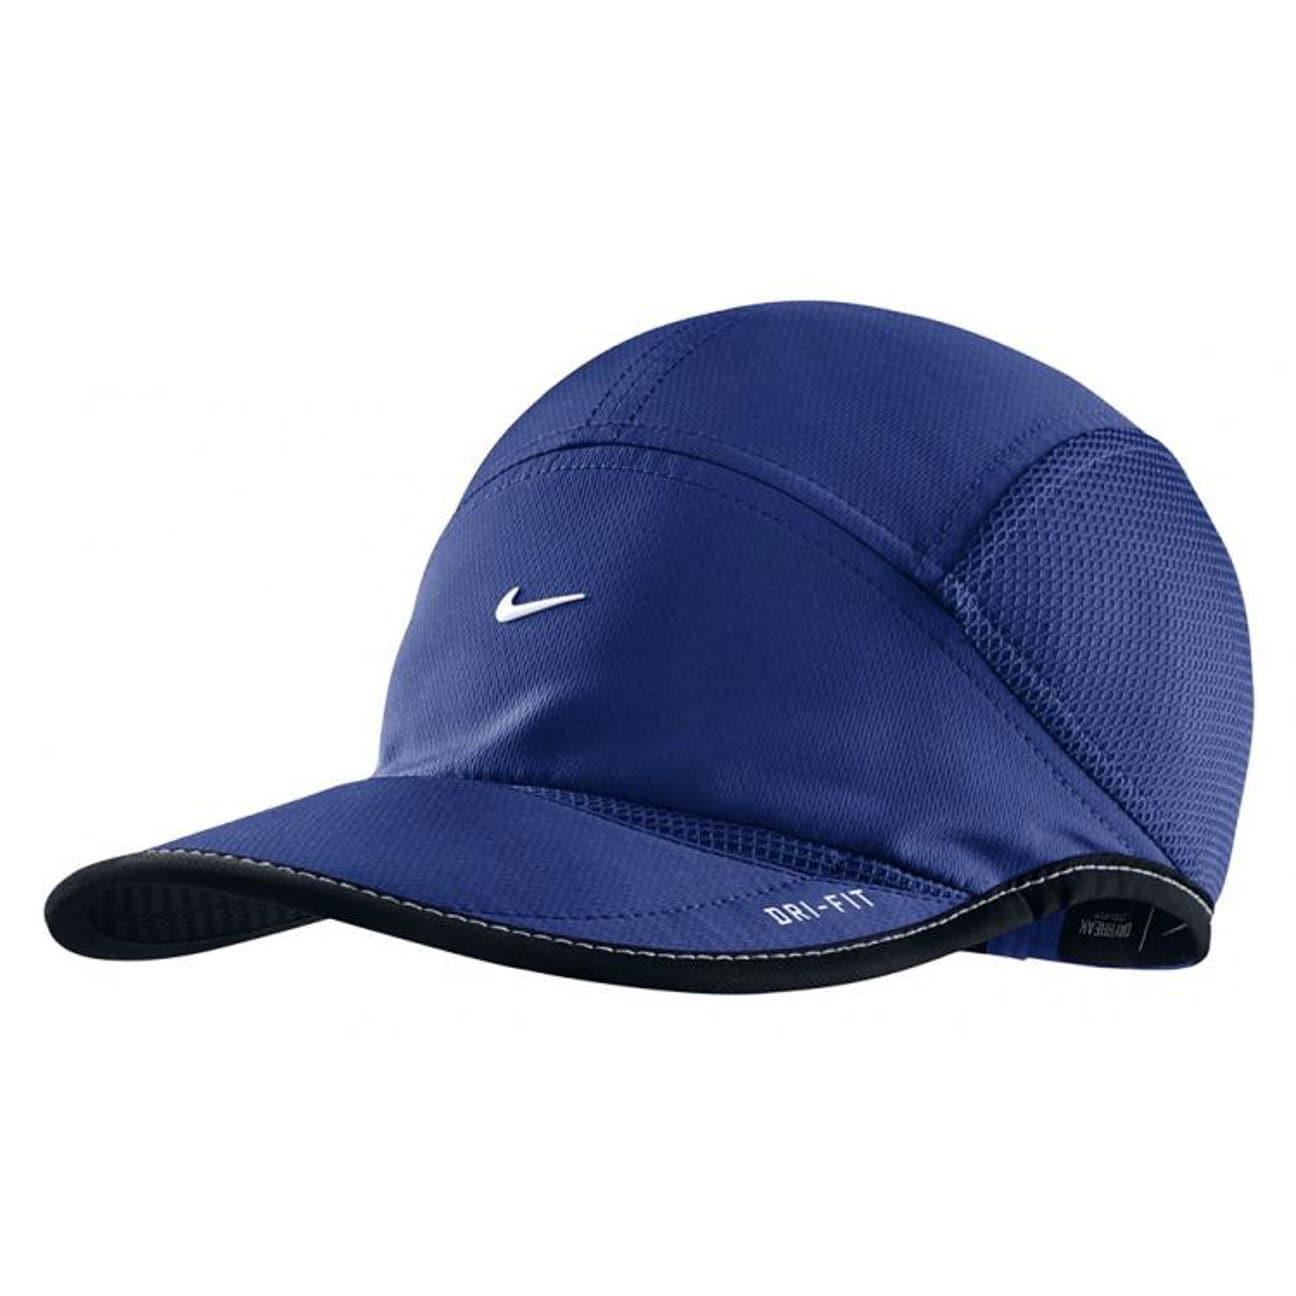 ... Daybreak Baseball Cap by Nike - blue 1 ... 0604de70ff0